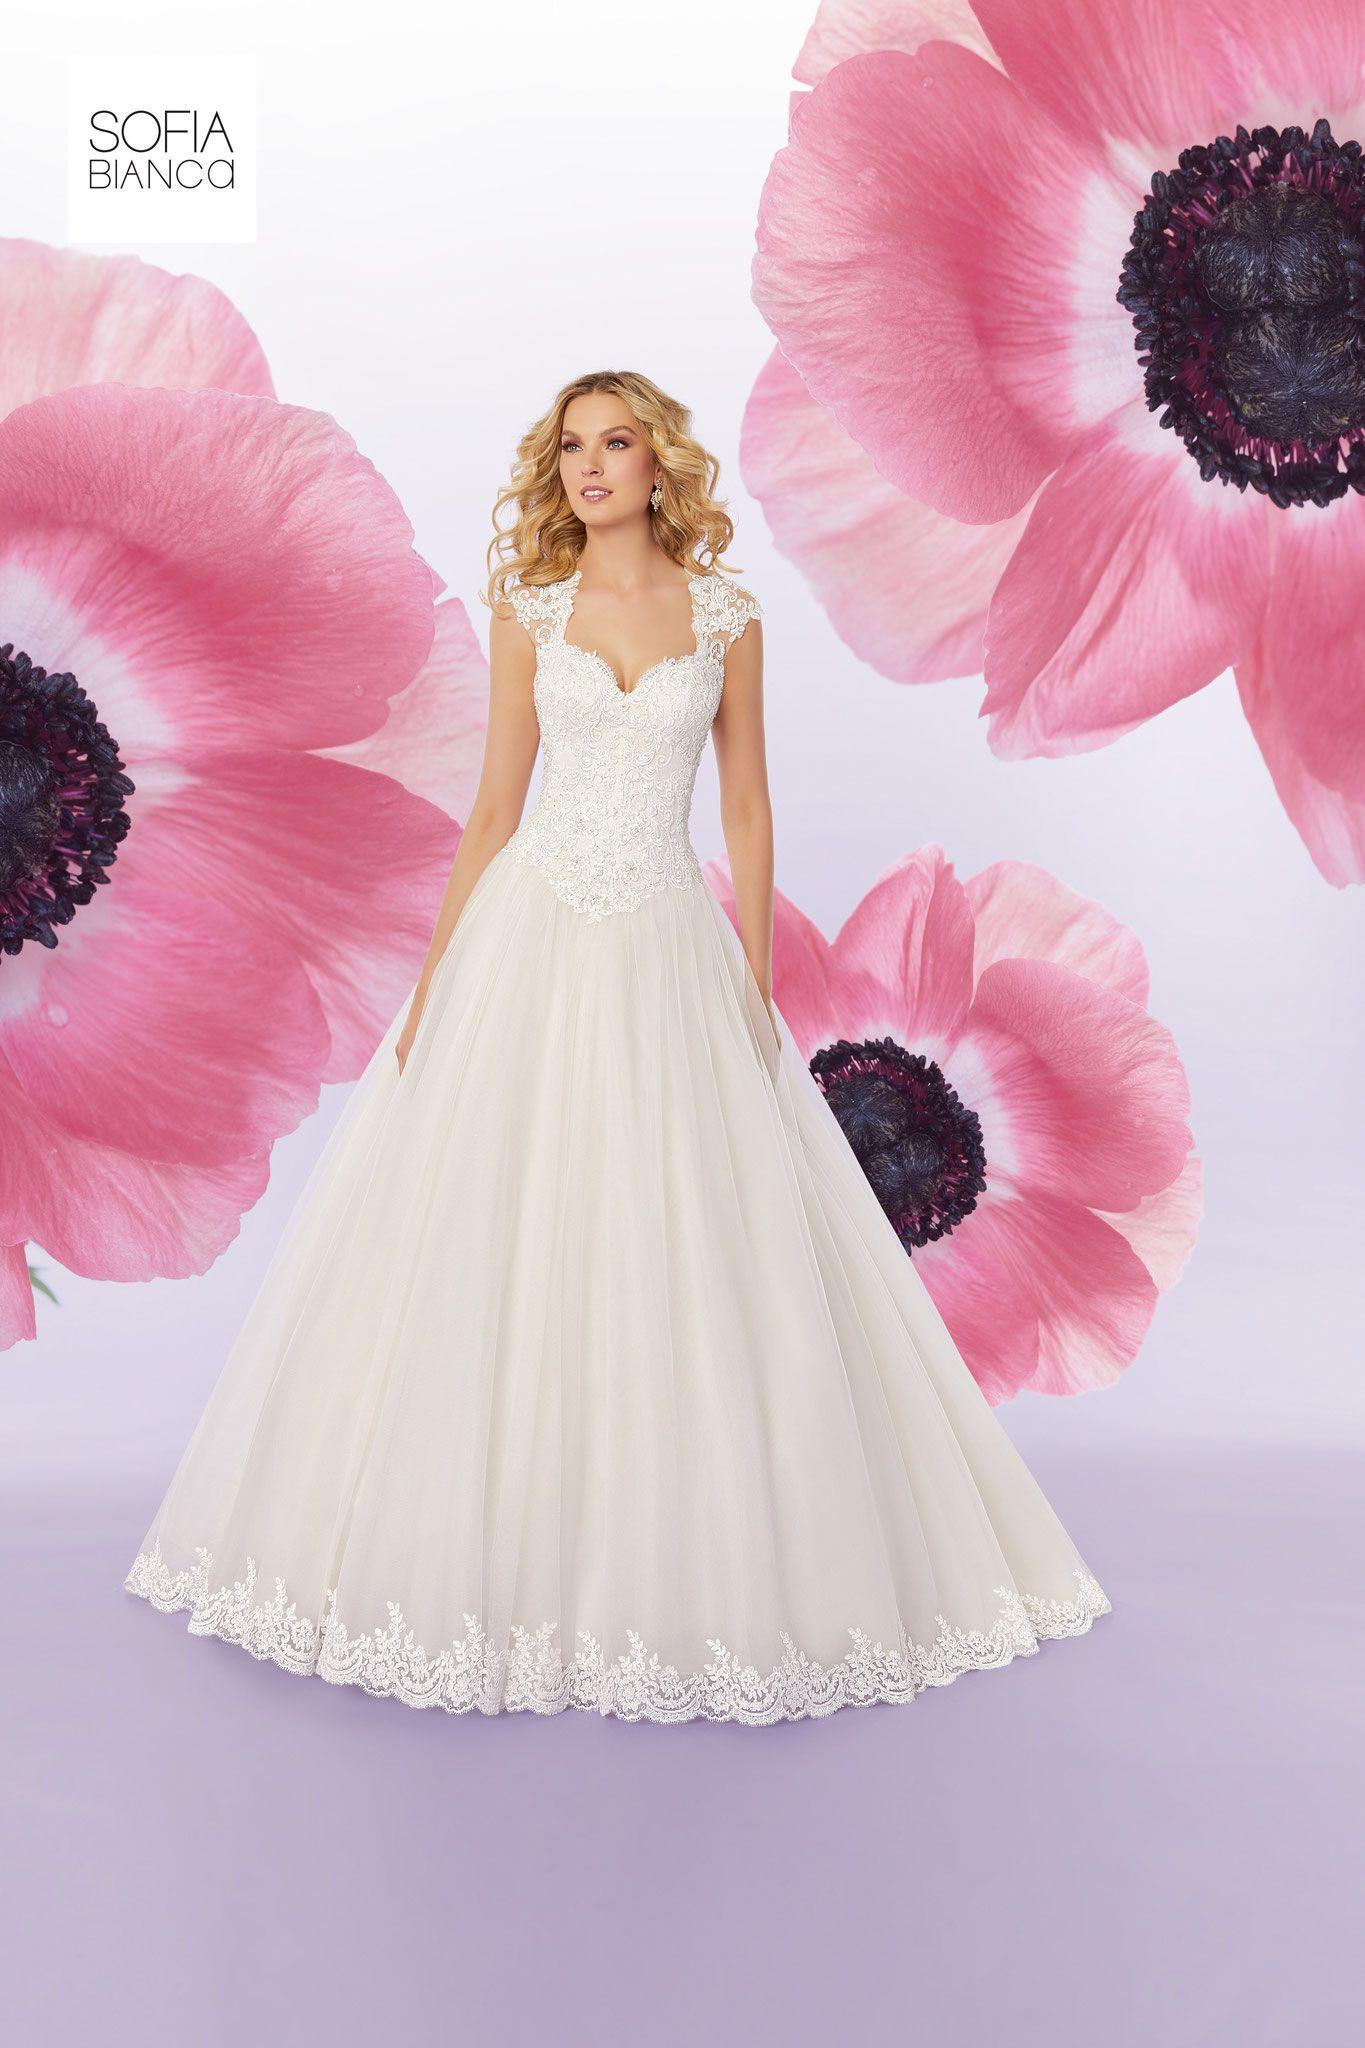 Ausgezeichnet Beiläufiges Hochzeitskleid Mit ärmeln Zeitgenössisch ...